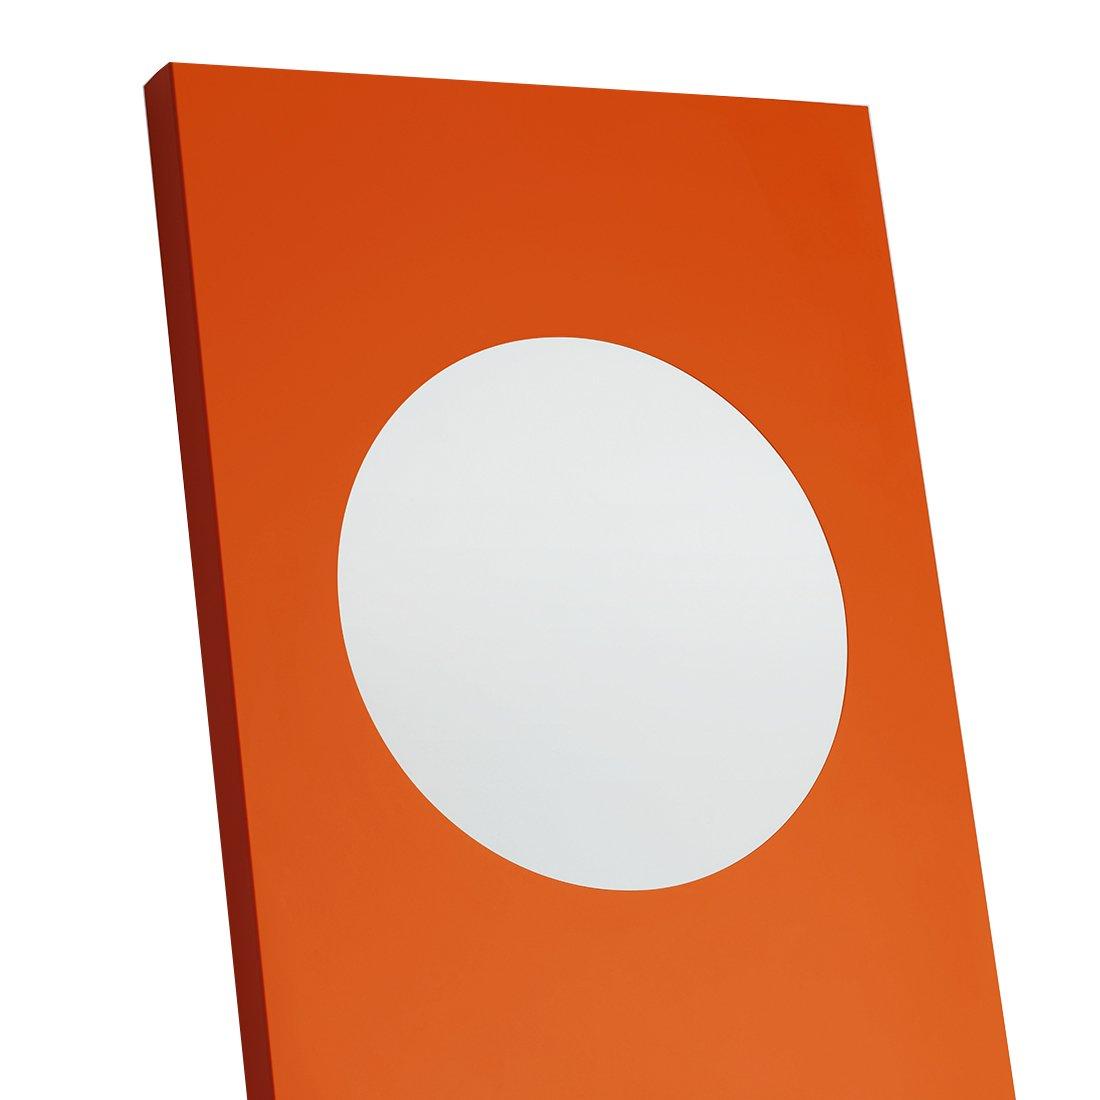 Foscarini Dolmen Vloerlamp Oranje